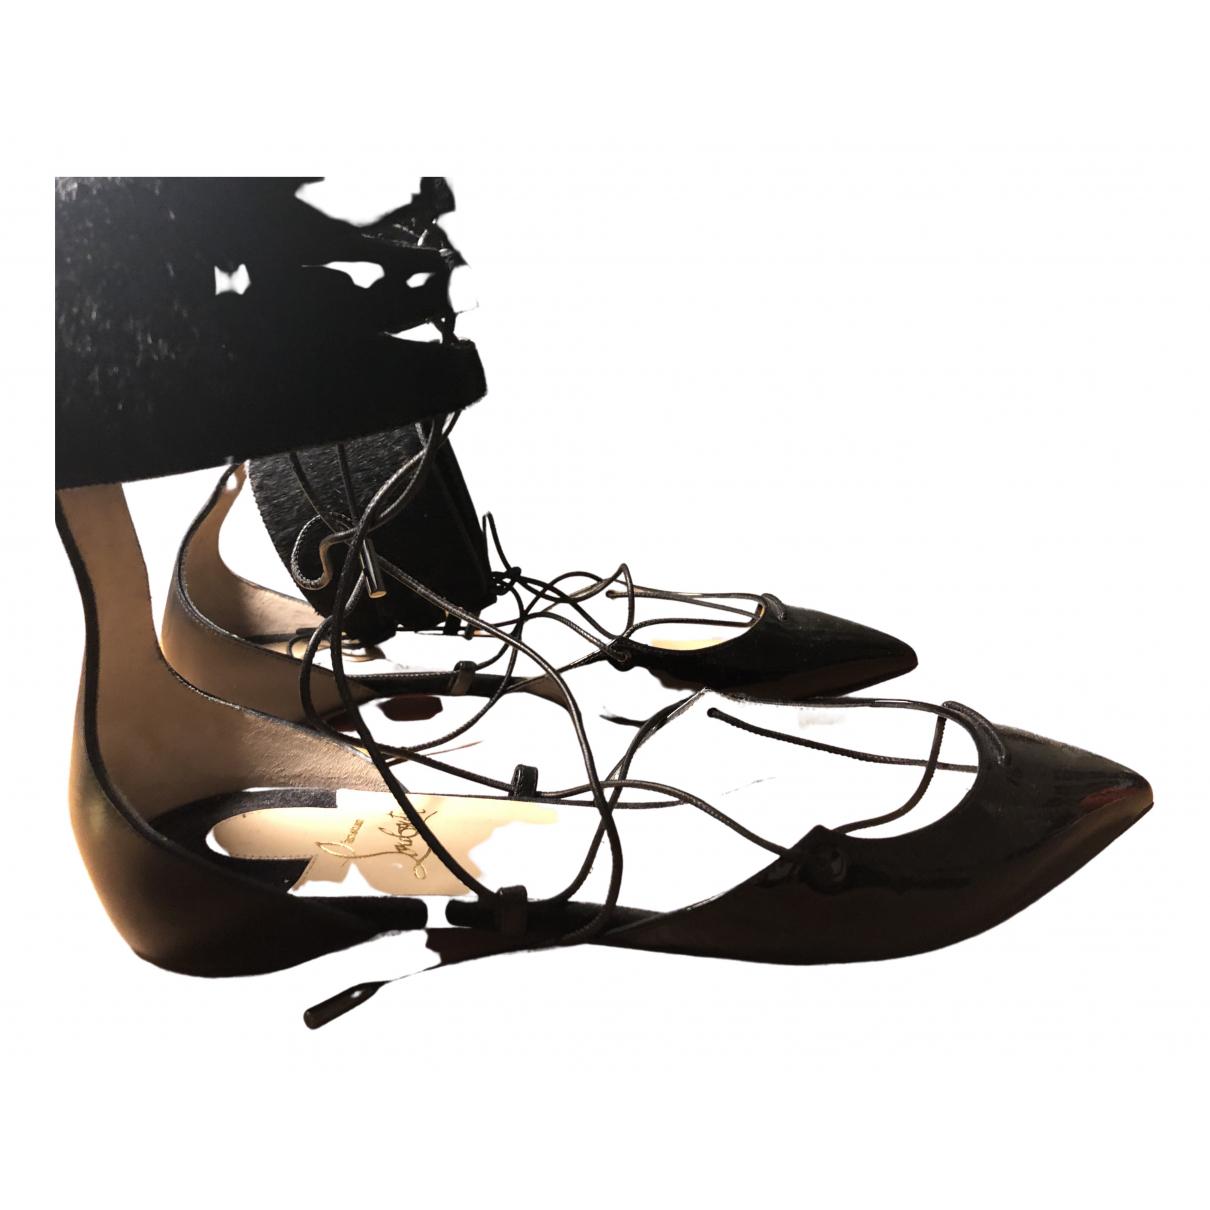 Christian Louboutin - Ballerines   pour femme en veau facon poulain - noir